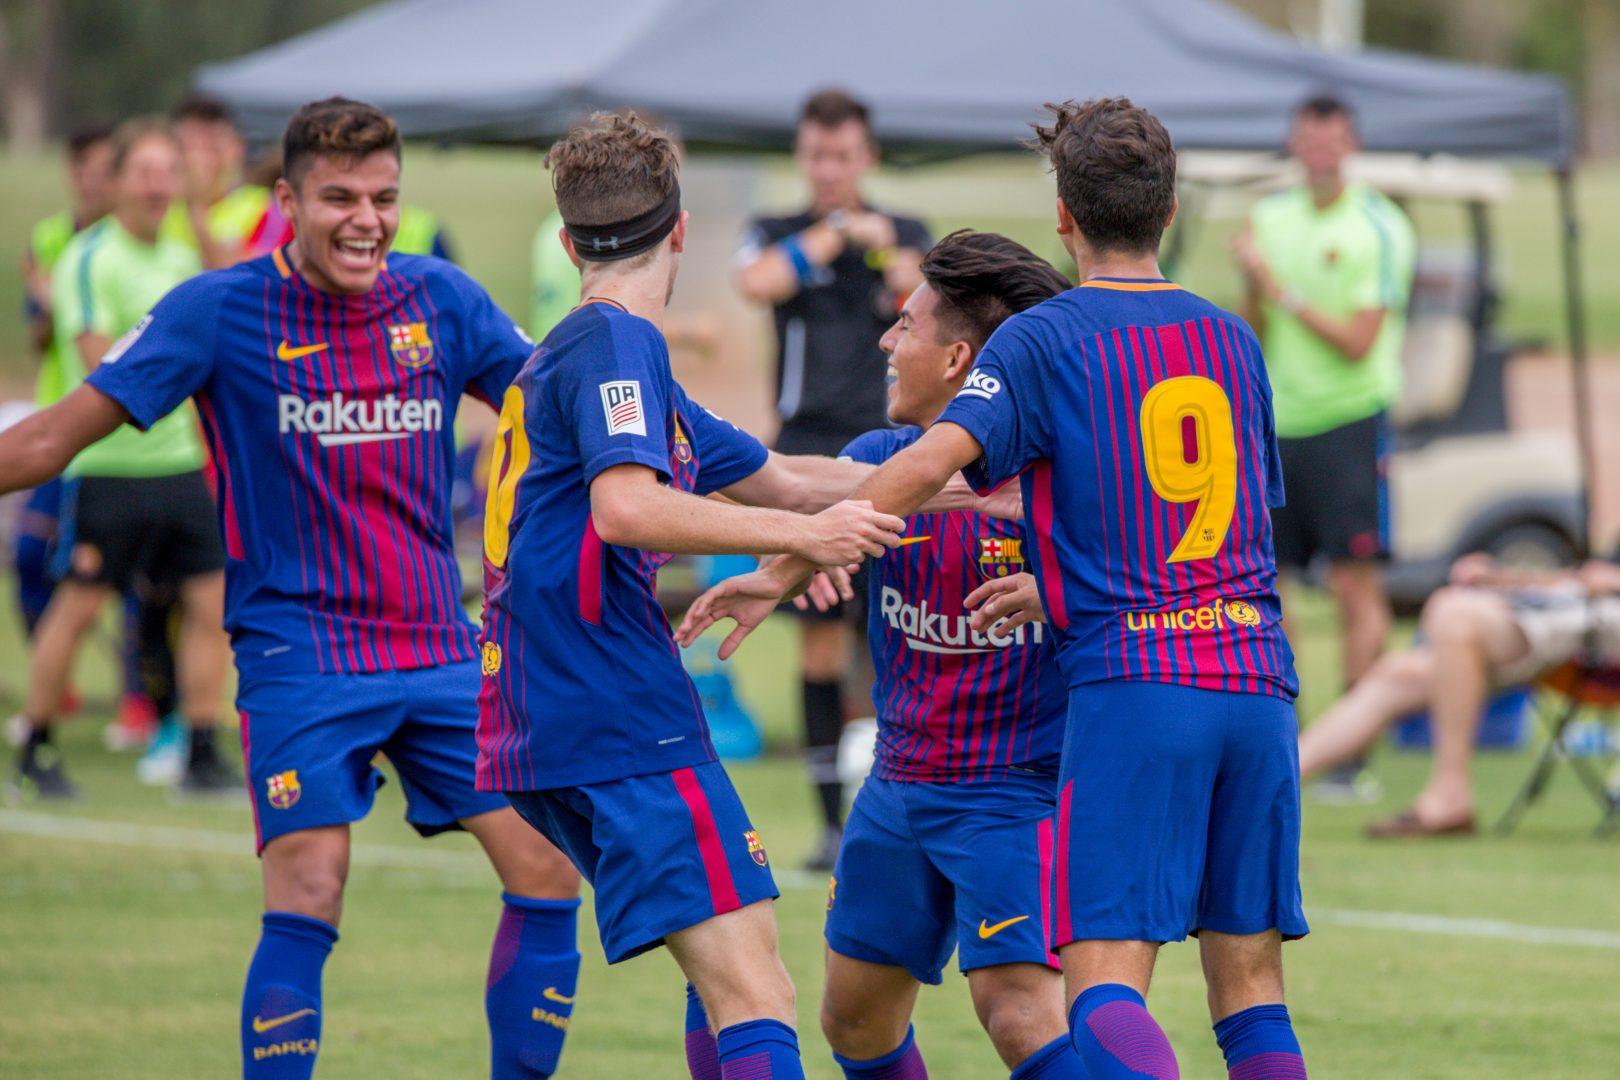 Equipo de la academia de fútbol del FCB en Arizona celebrando un gol - How to get a soccer scholarship to a U.S. university